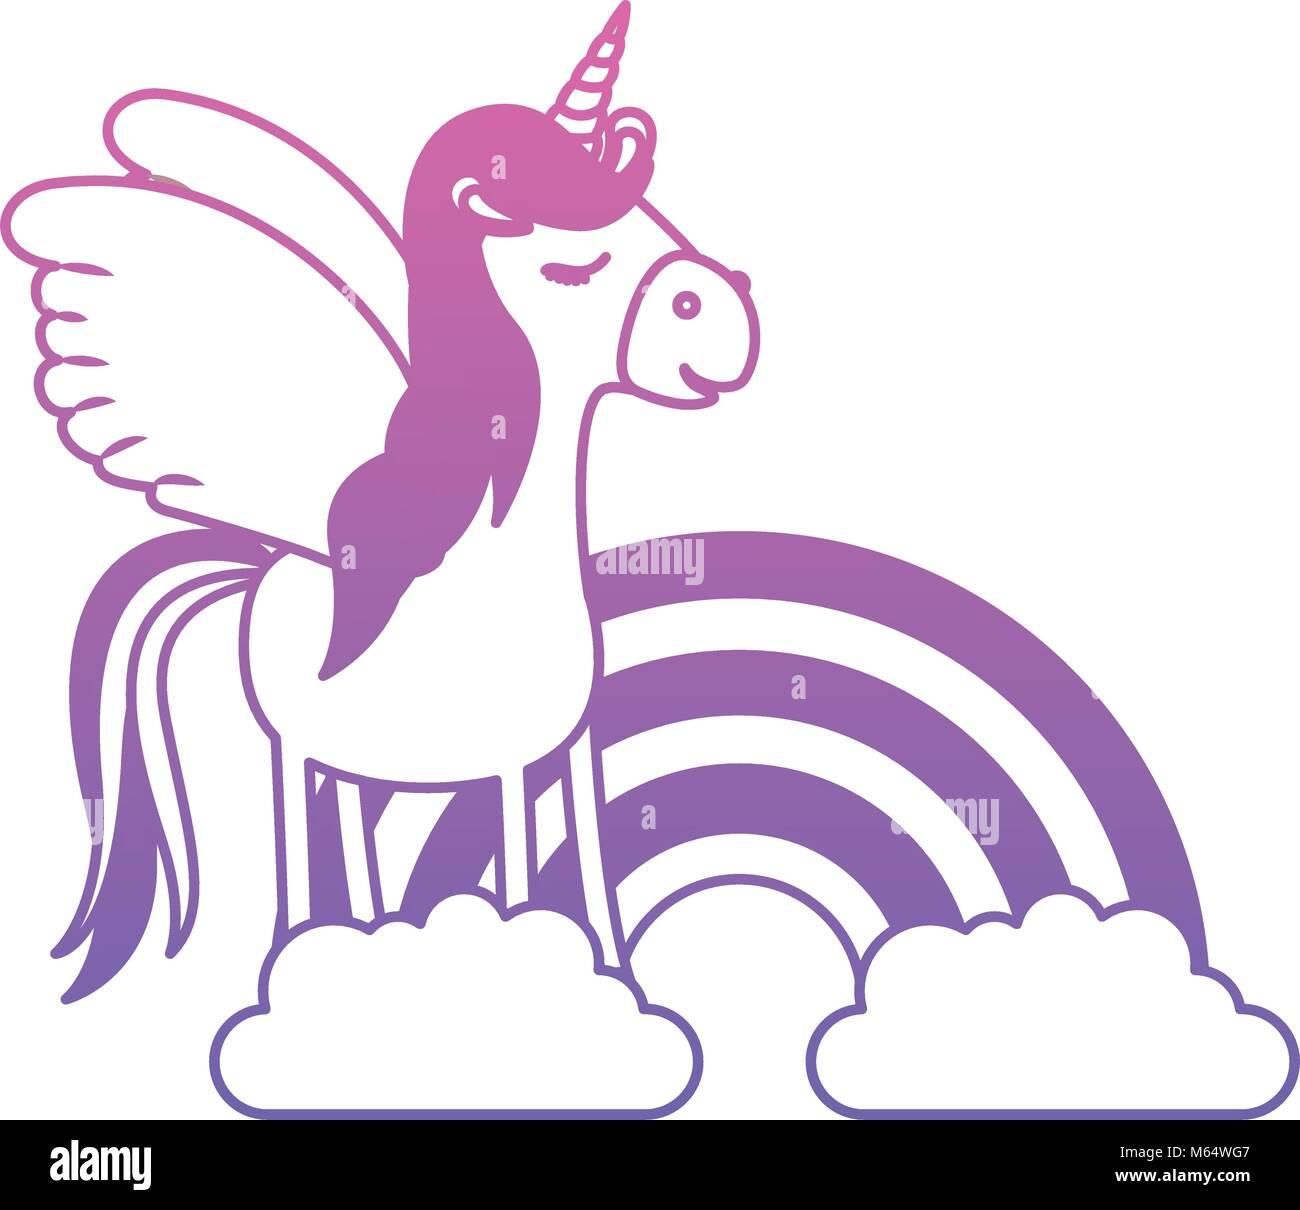 Susse Einhorn Mit Rainbow Kawaii Charakter Vektor Abbildung Bild